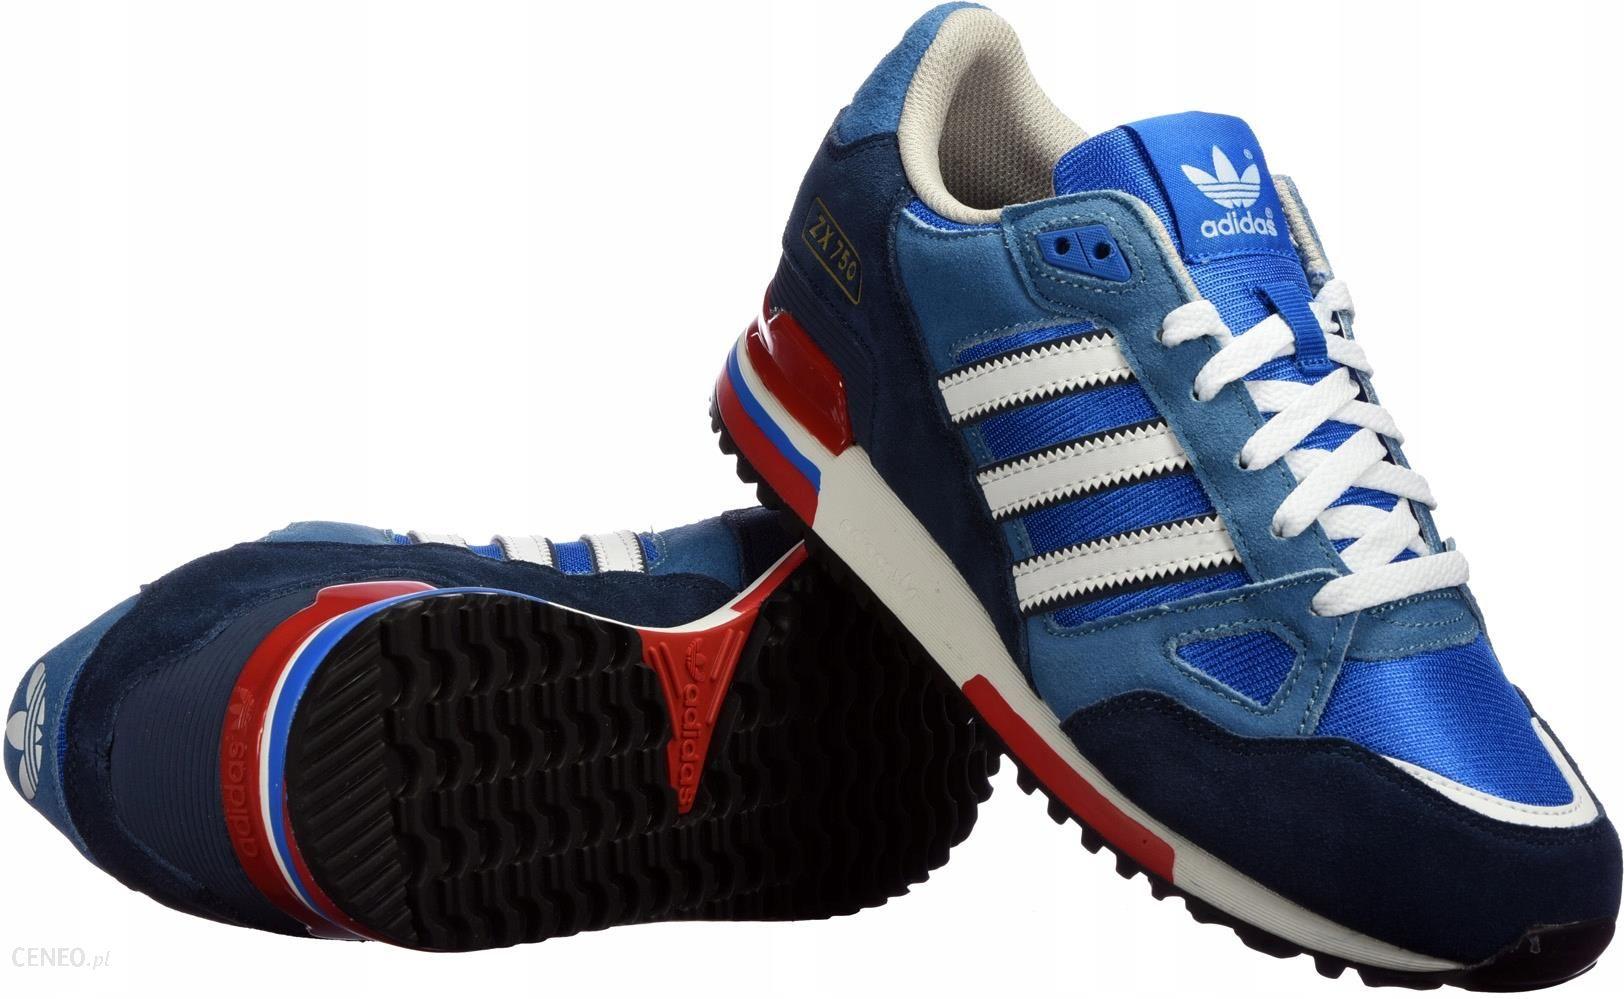 dfa81cd66 ... official store buty mskie adidas zx 750 g96718 originals r. 44 zdjcie 1  6e462 a21da